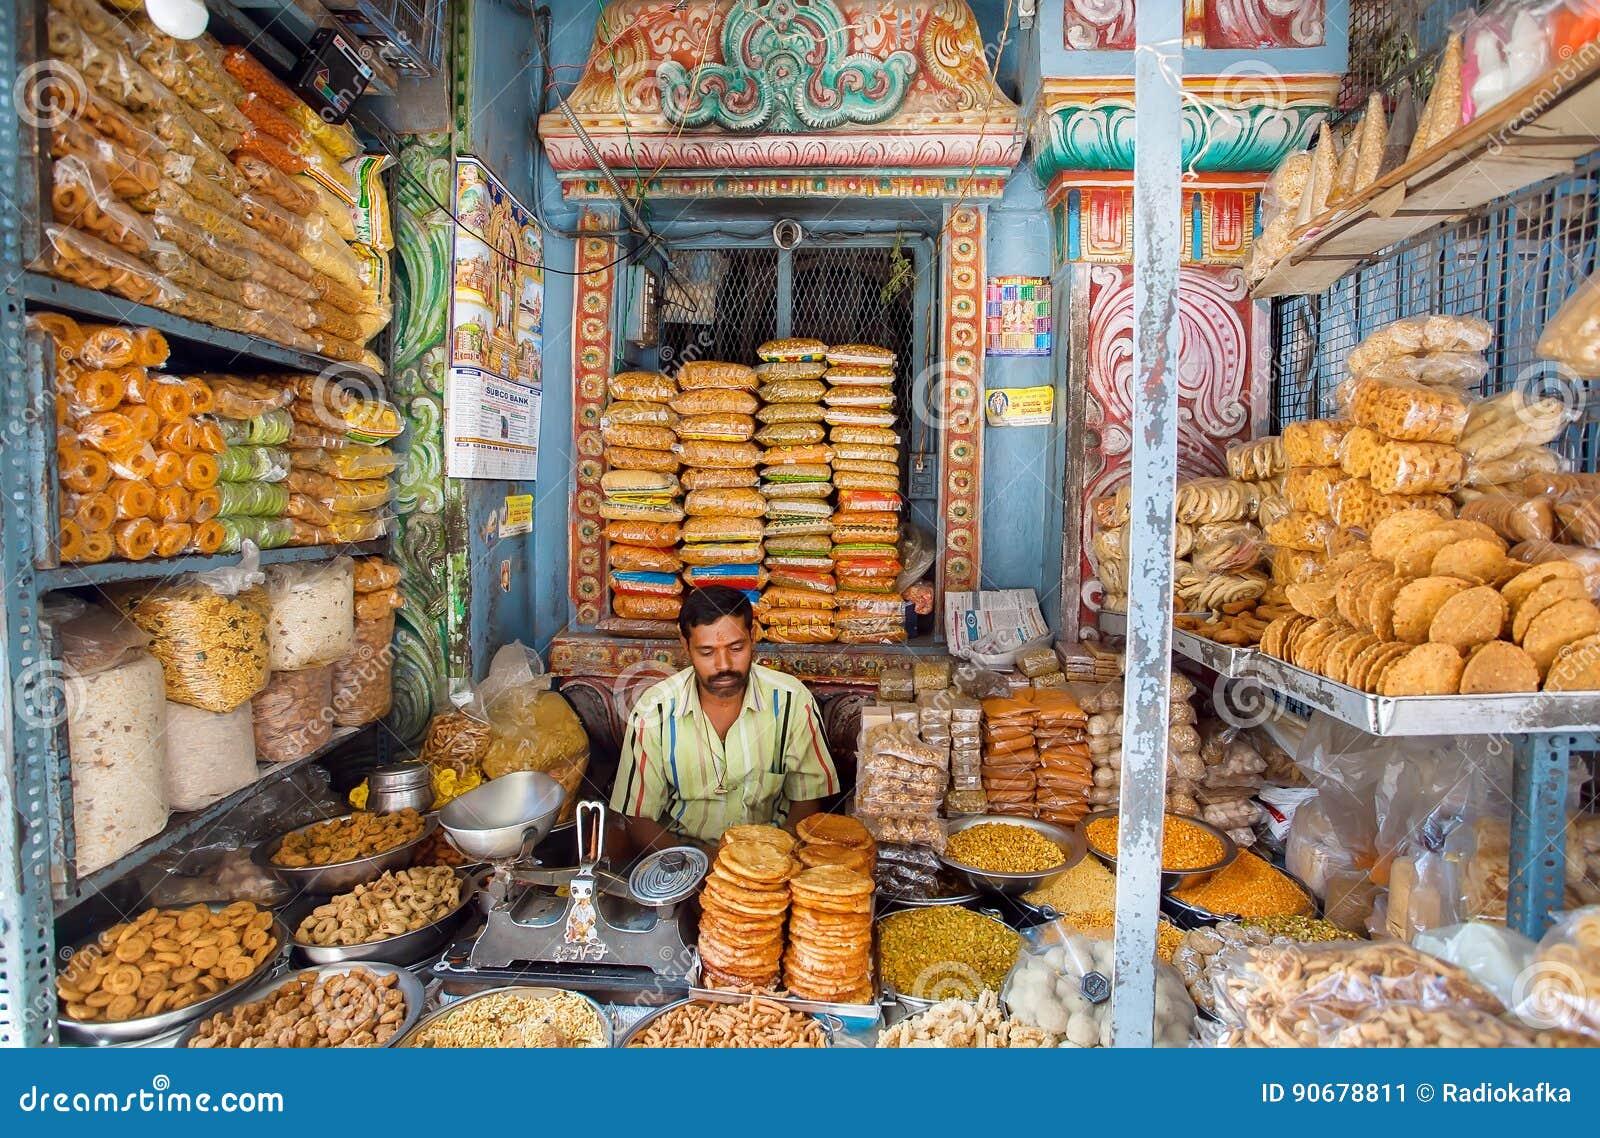 Le vendeur des bonbons attend des acheteurs dans une boutique colorée avec des biscuits et des casse-croûte